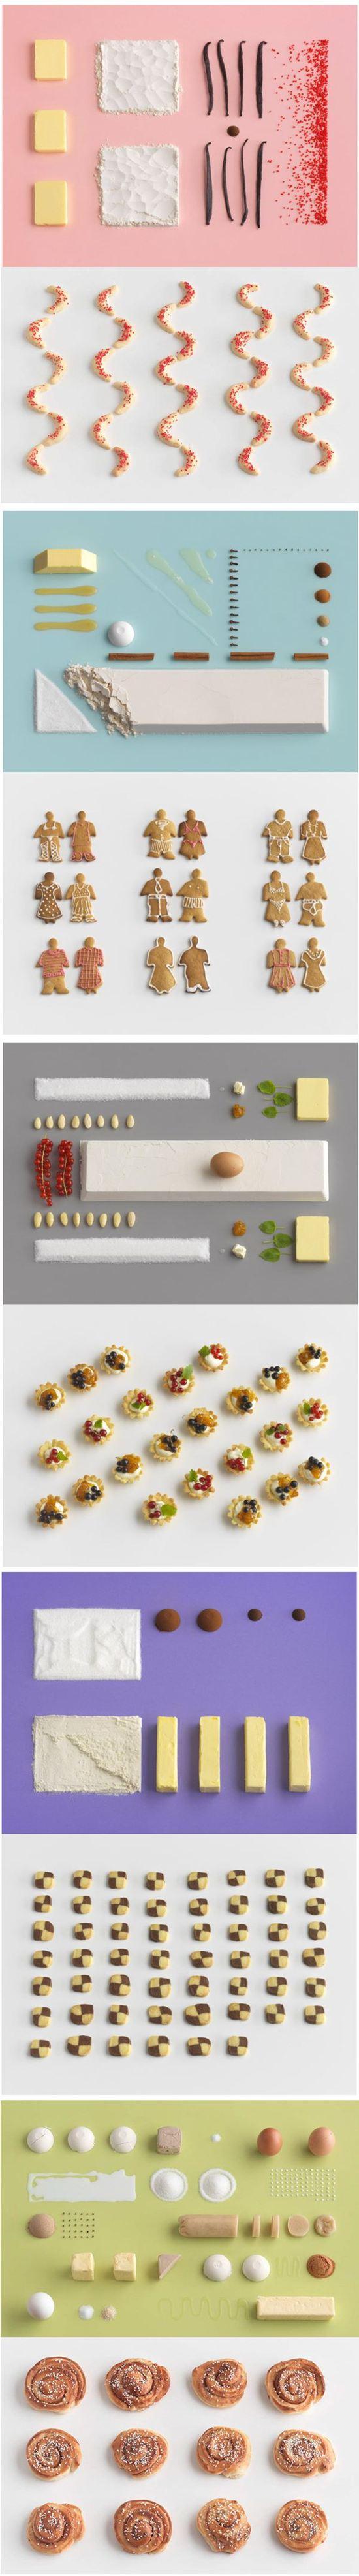 domowe jest najlepsze cookbook ikea